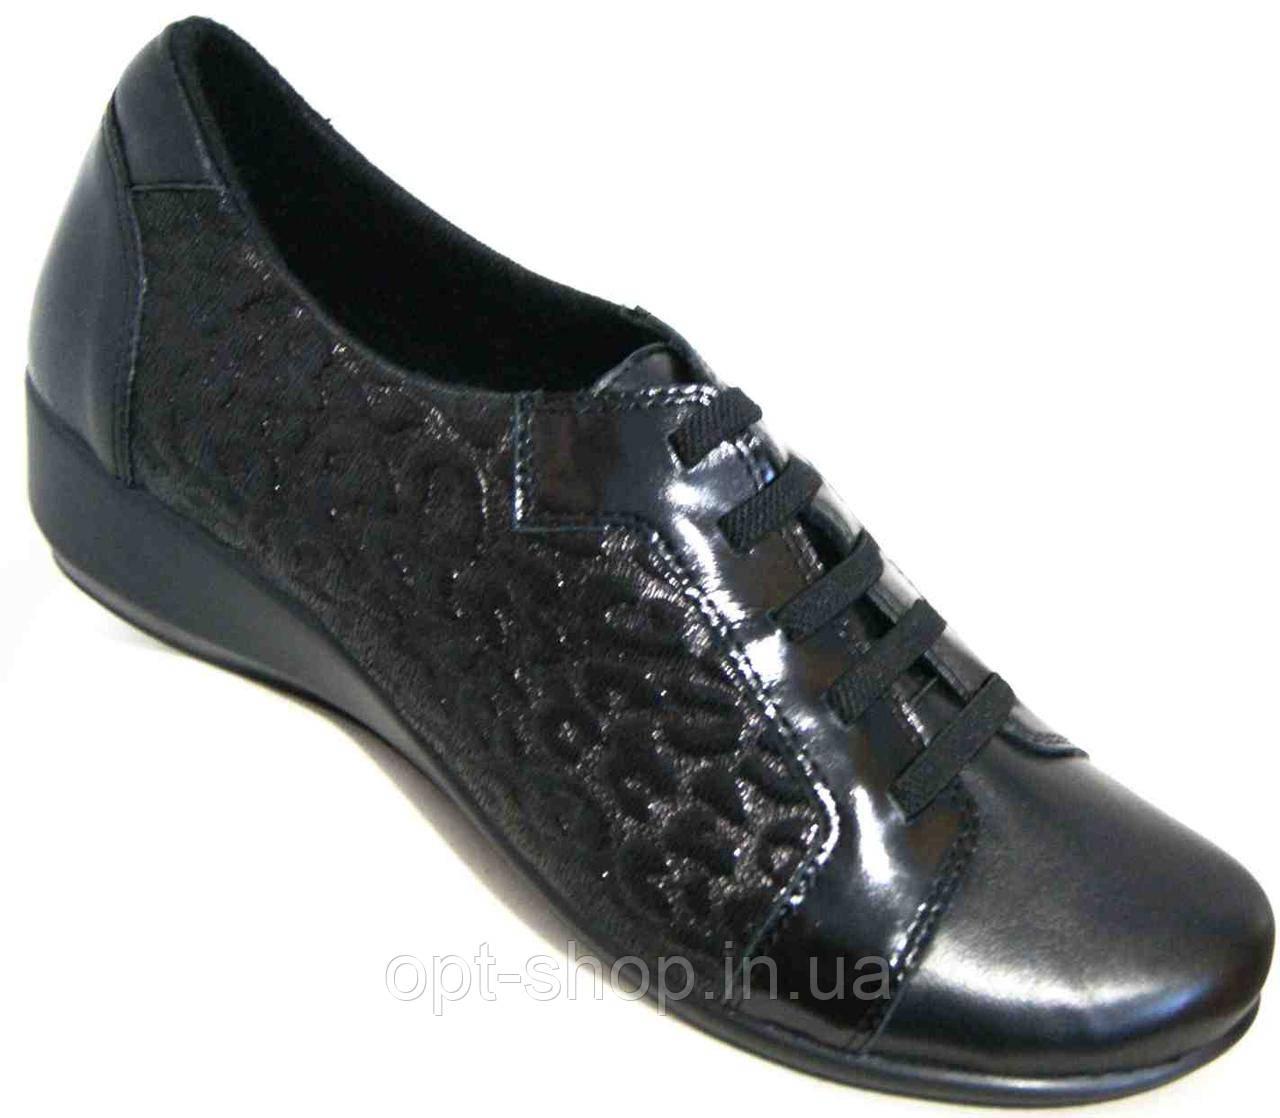 Туфли женские кожаные больших размеров